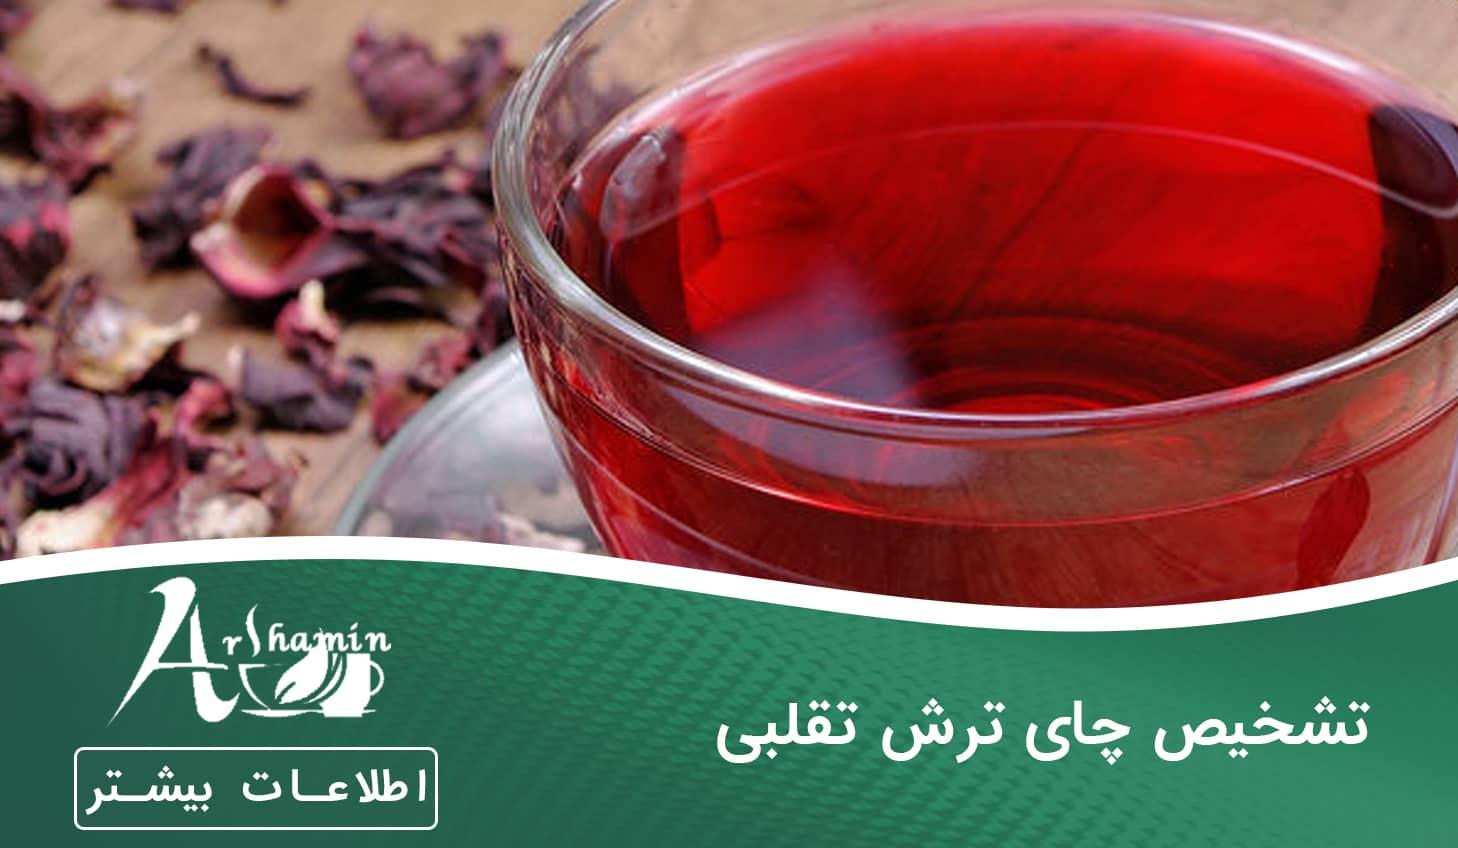 تشخیص چای ترش تقلبی